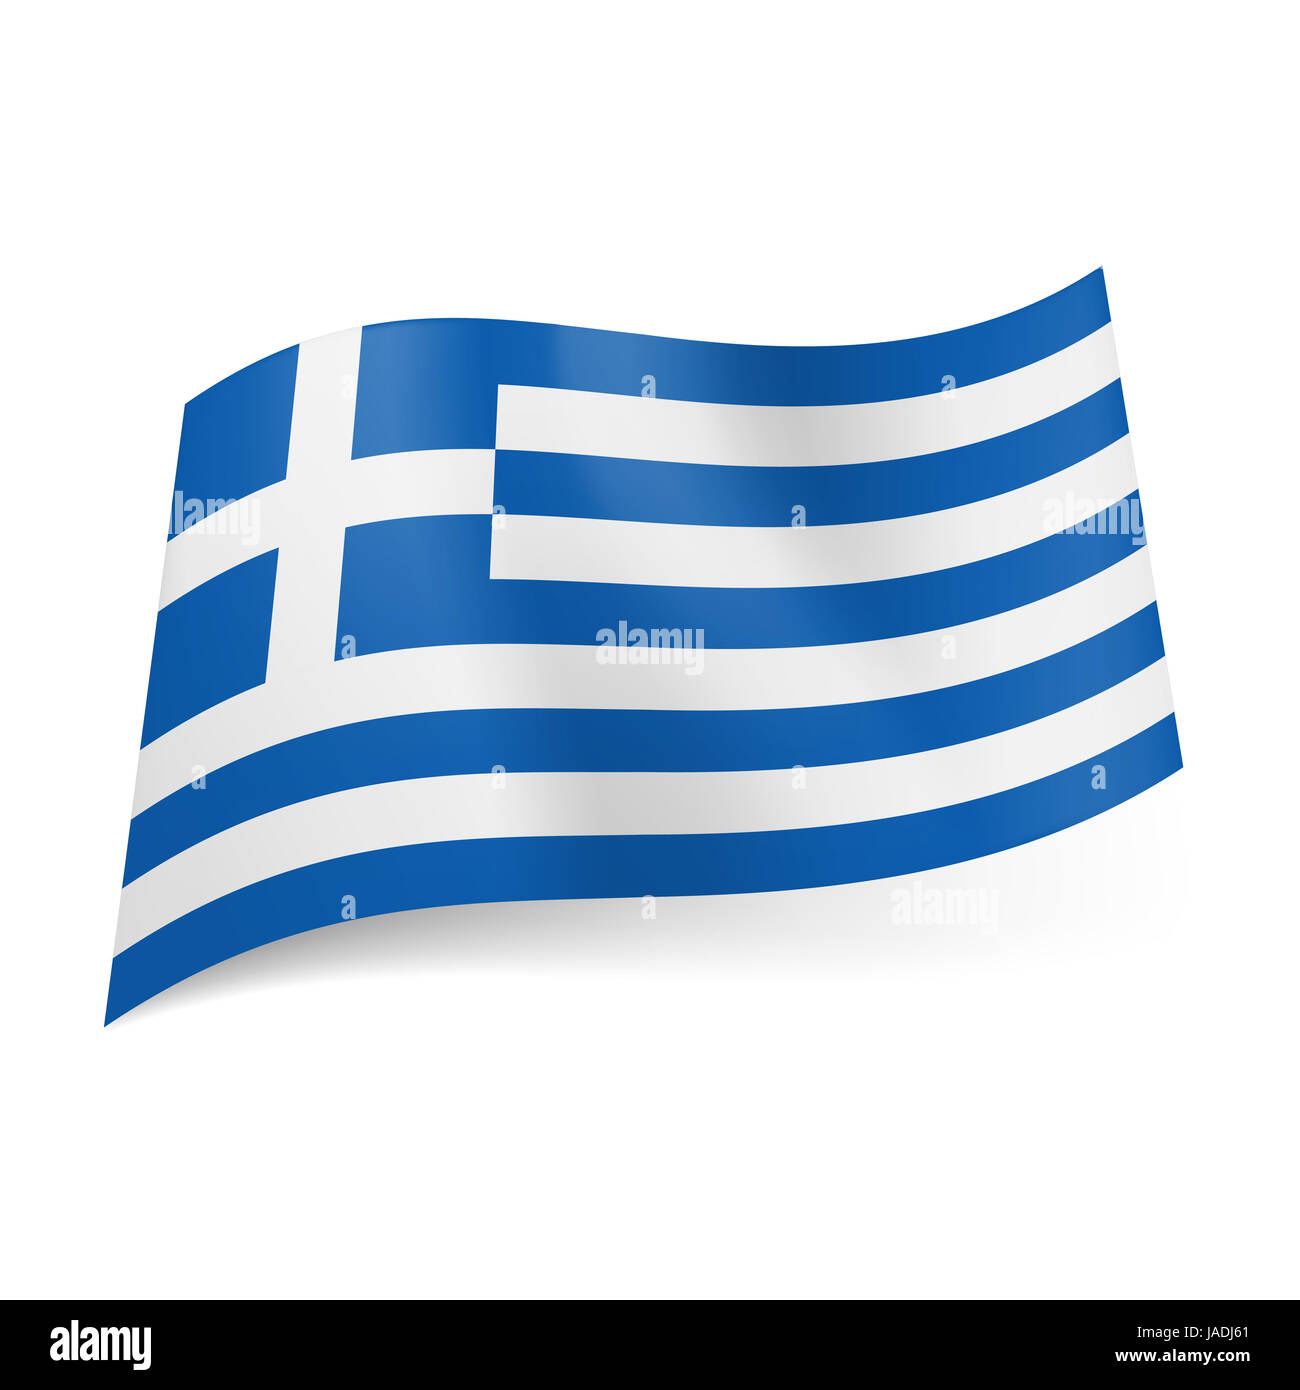 Bandiera Nazionale Della Grecia Blu E Bianco Strisce Orizzontali